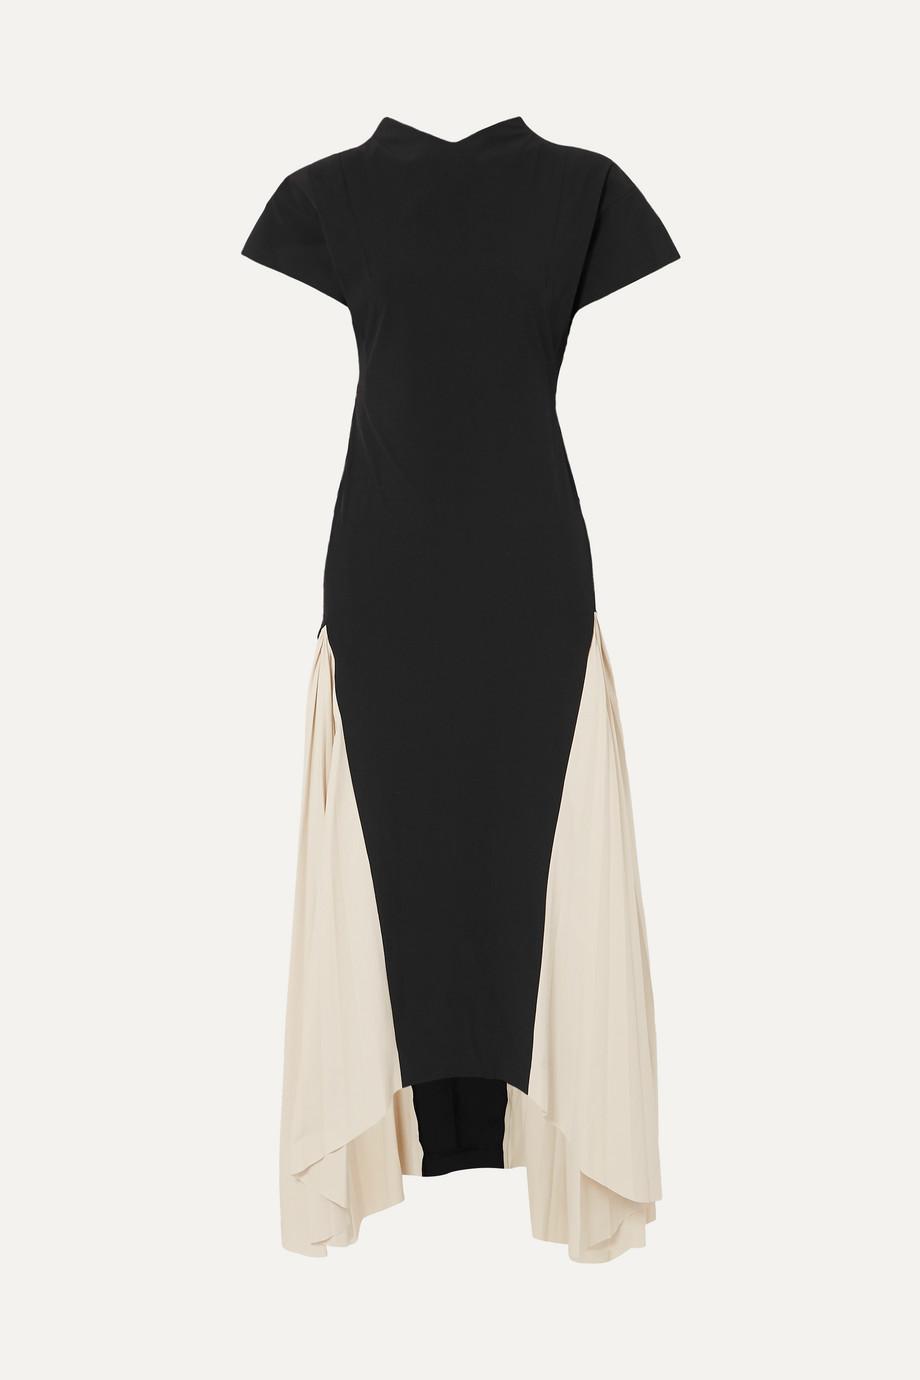 A.W.A.K.E. | Iris two-tone crepe de chine maxi dress | NET-A-PORTER.COM